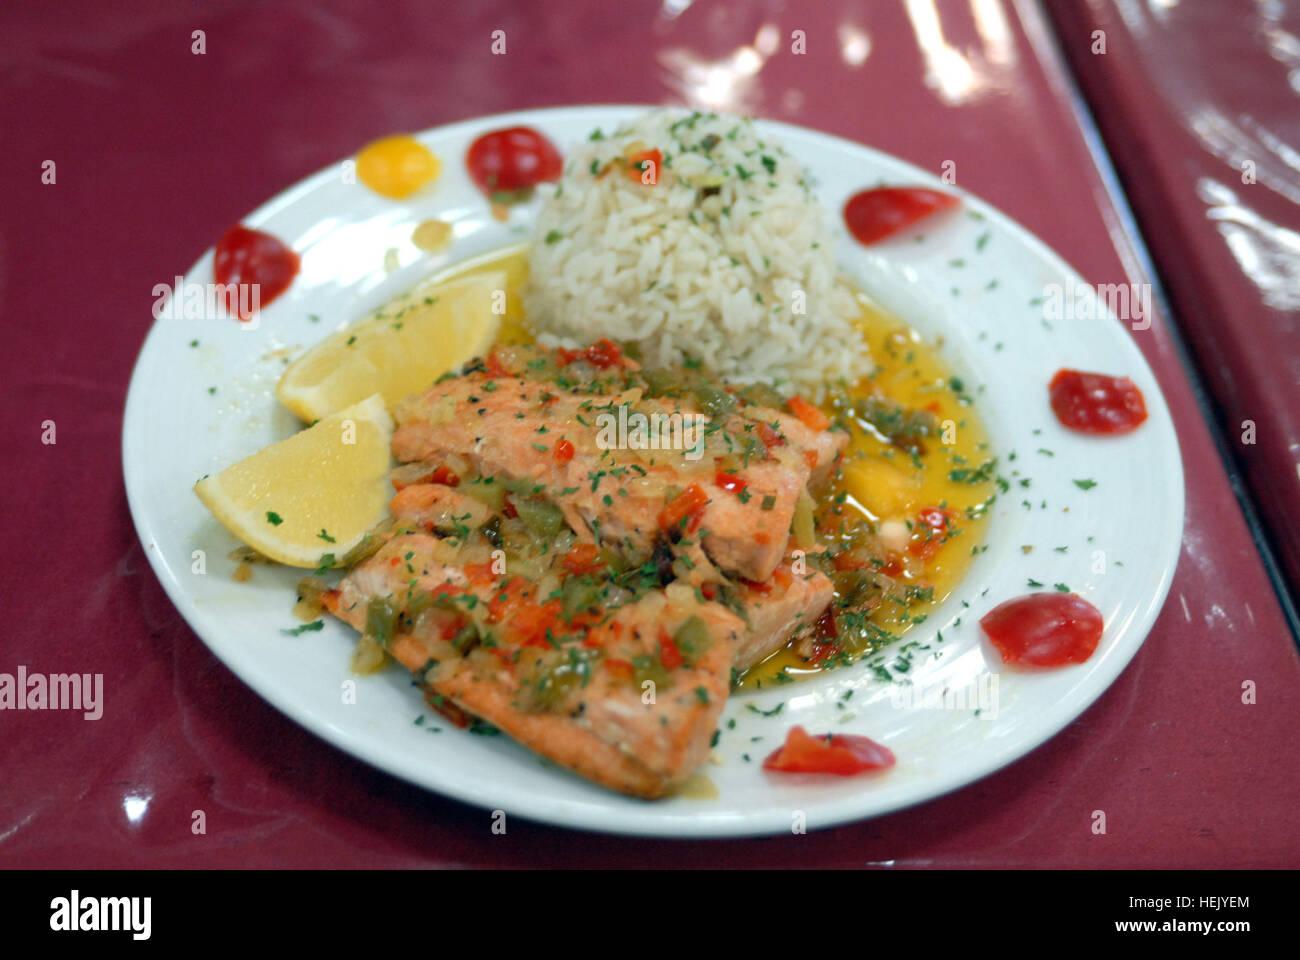 Une assiette de saumon et riz attend d'être dégustés et jugés au cours de la compétition Photo Stock